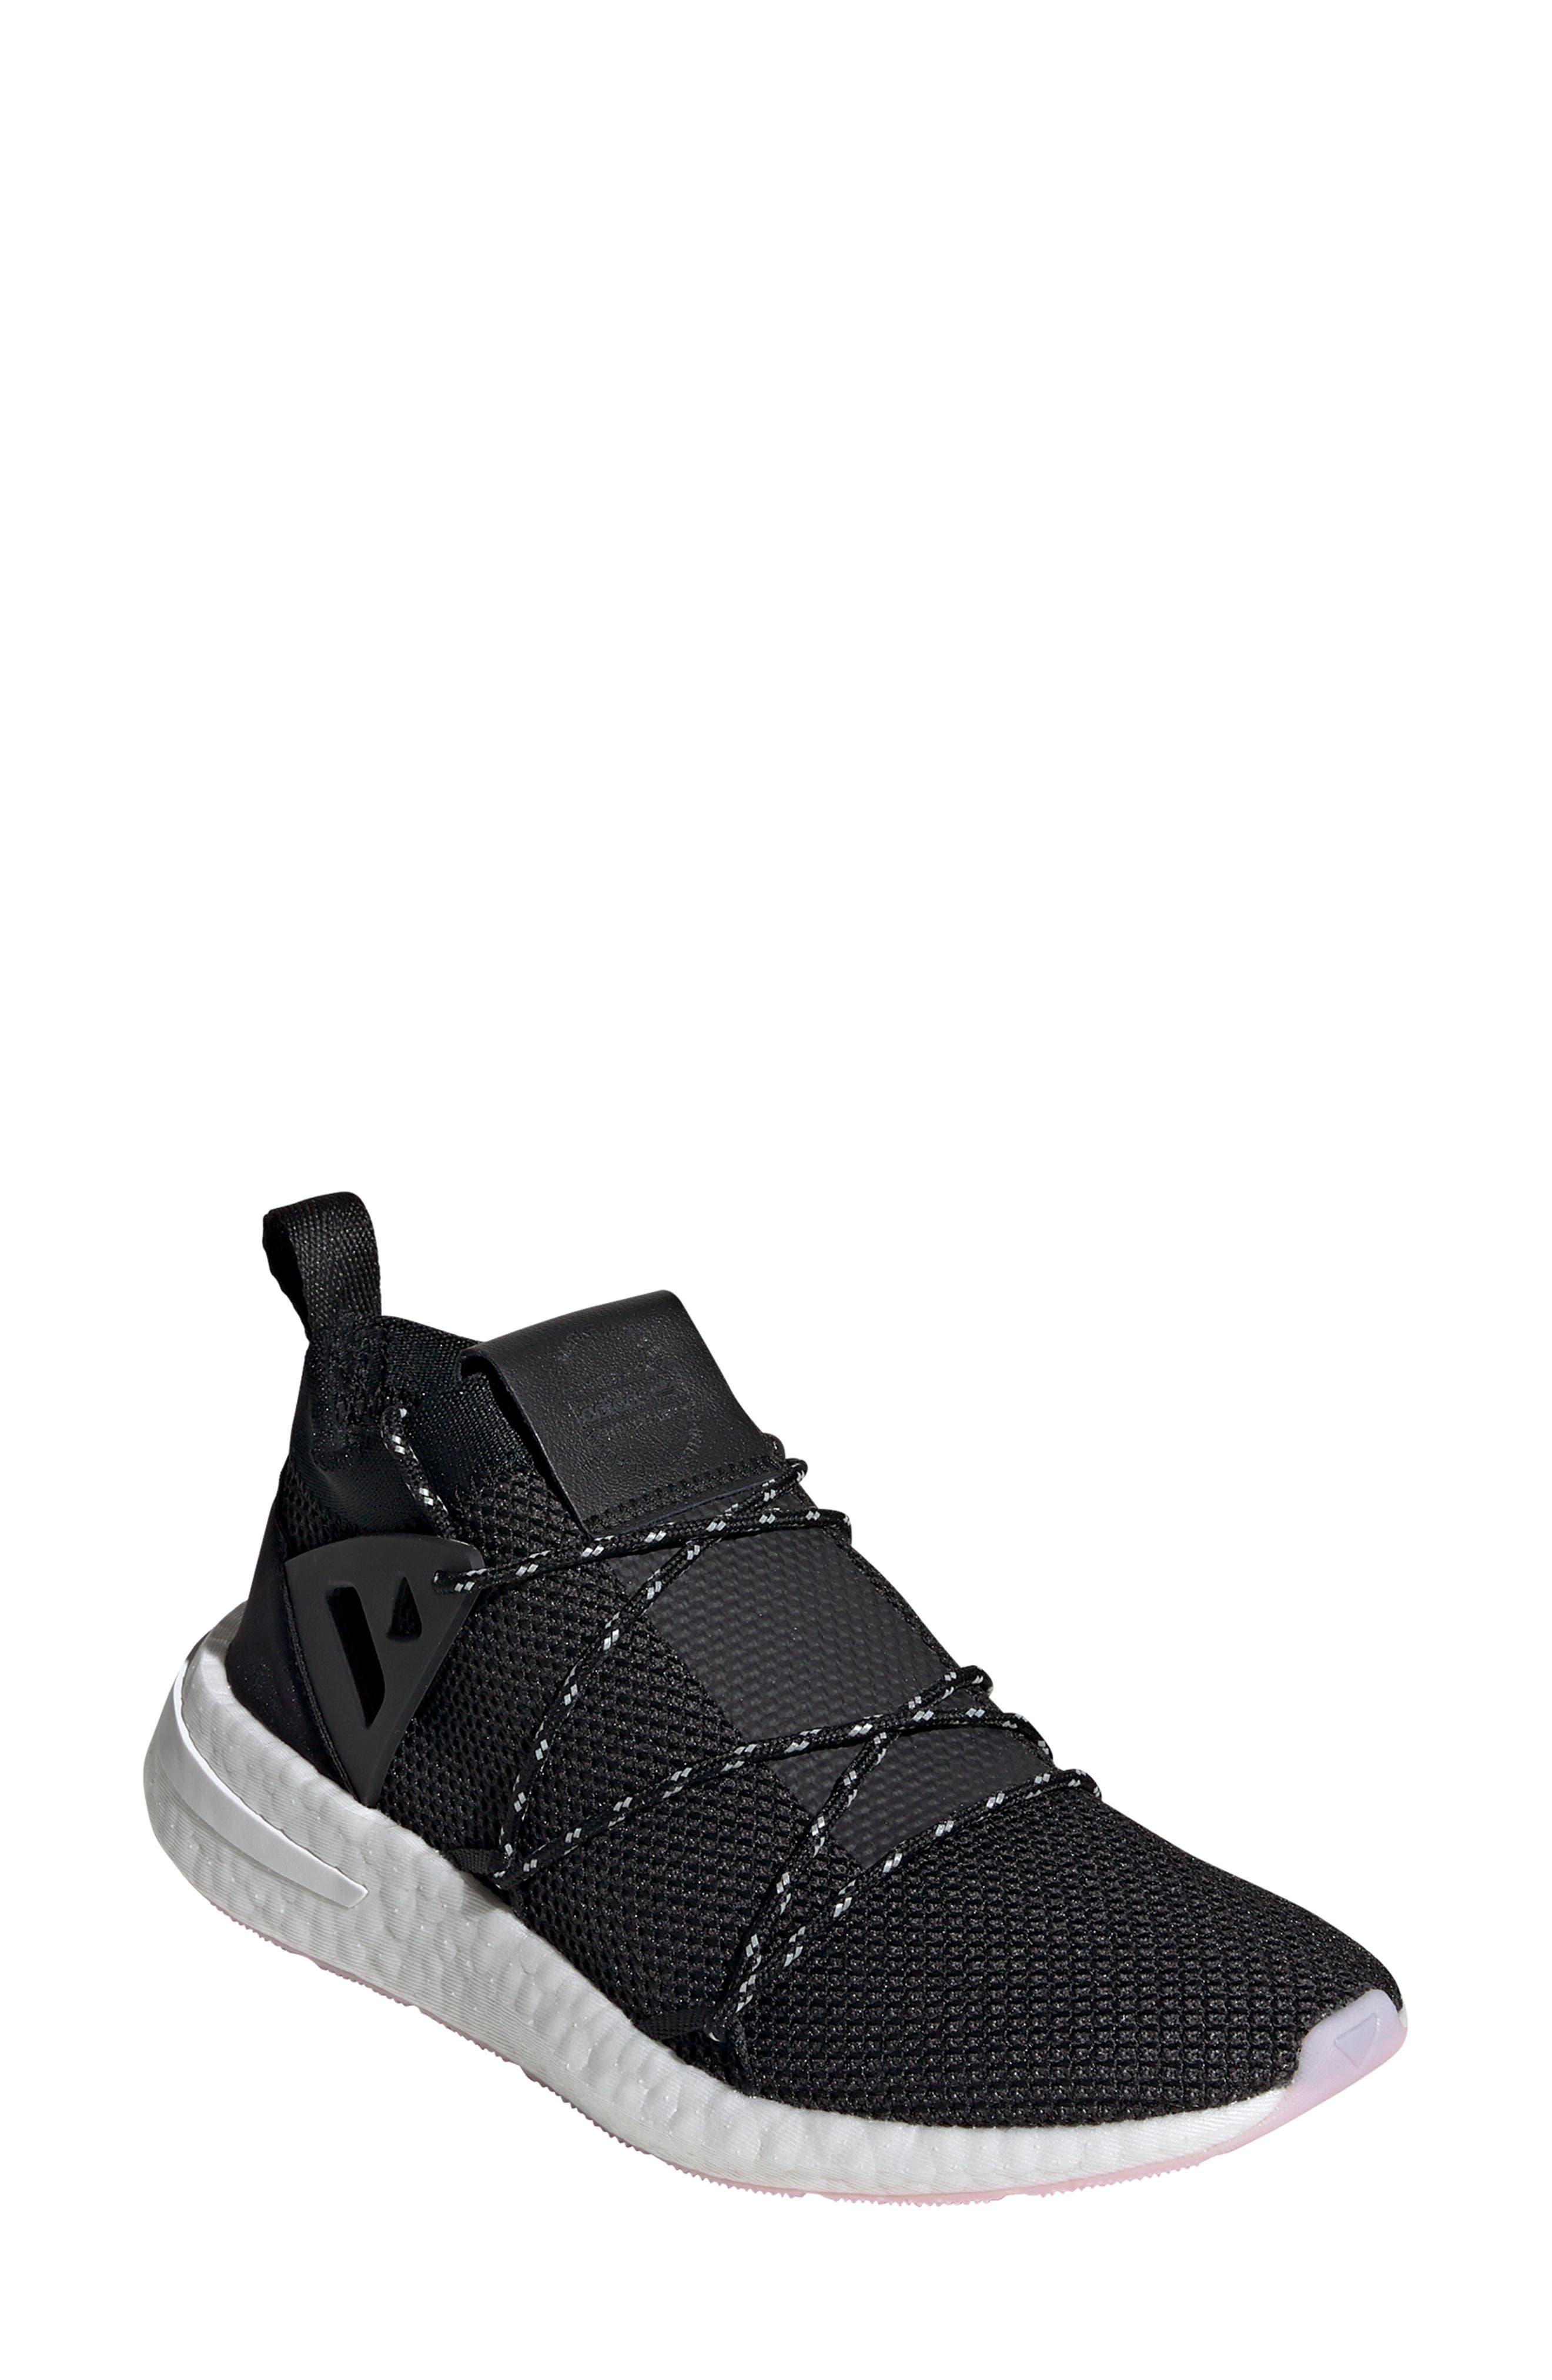 Adidas Arkyn Sneaker, Black